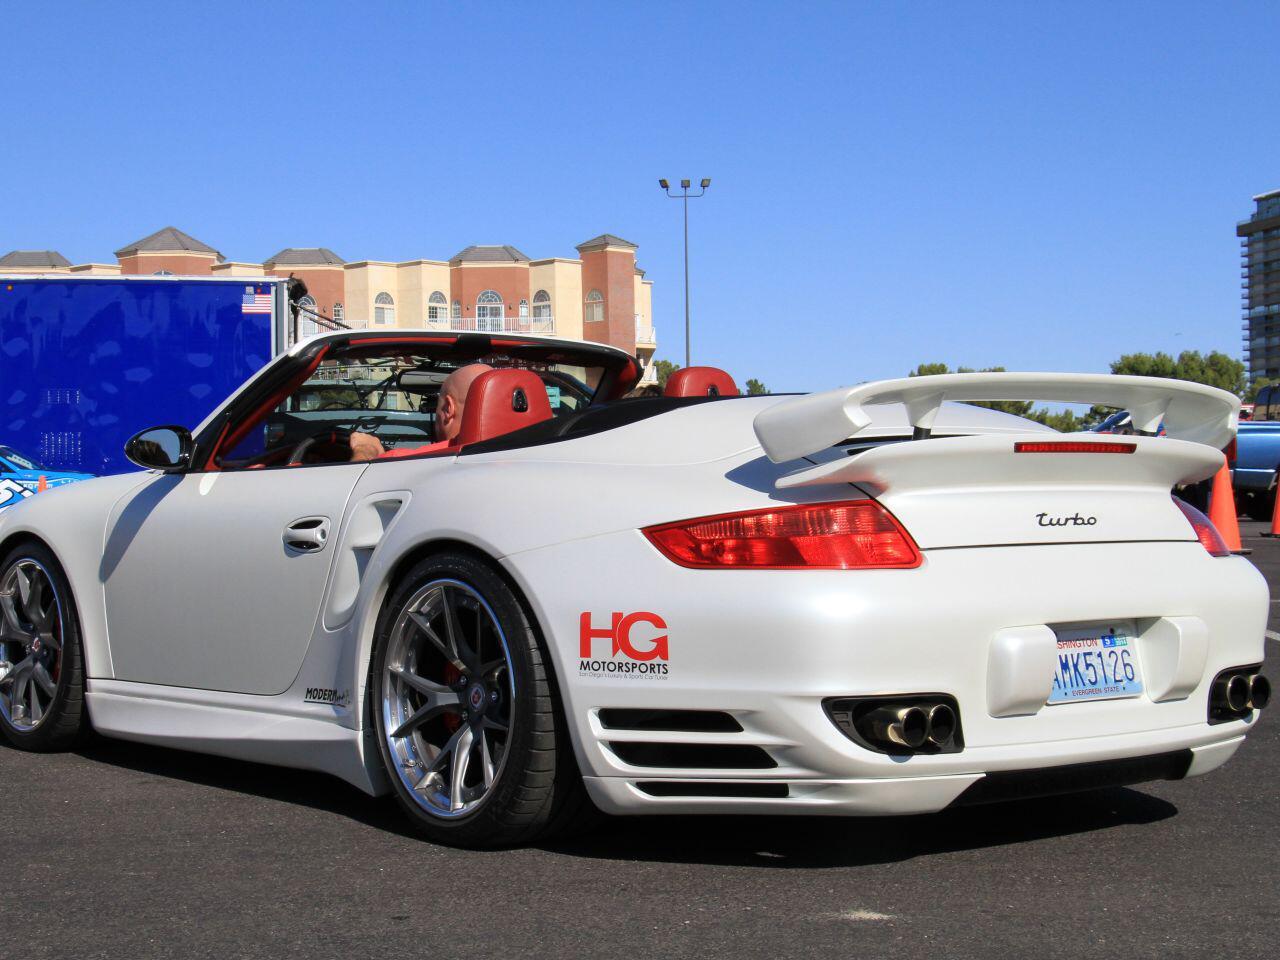 Bild zu Wow, was für ein Heck - Der Porsche 911 von Manley Performance Products